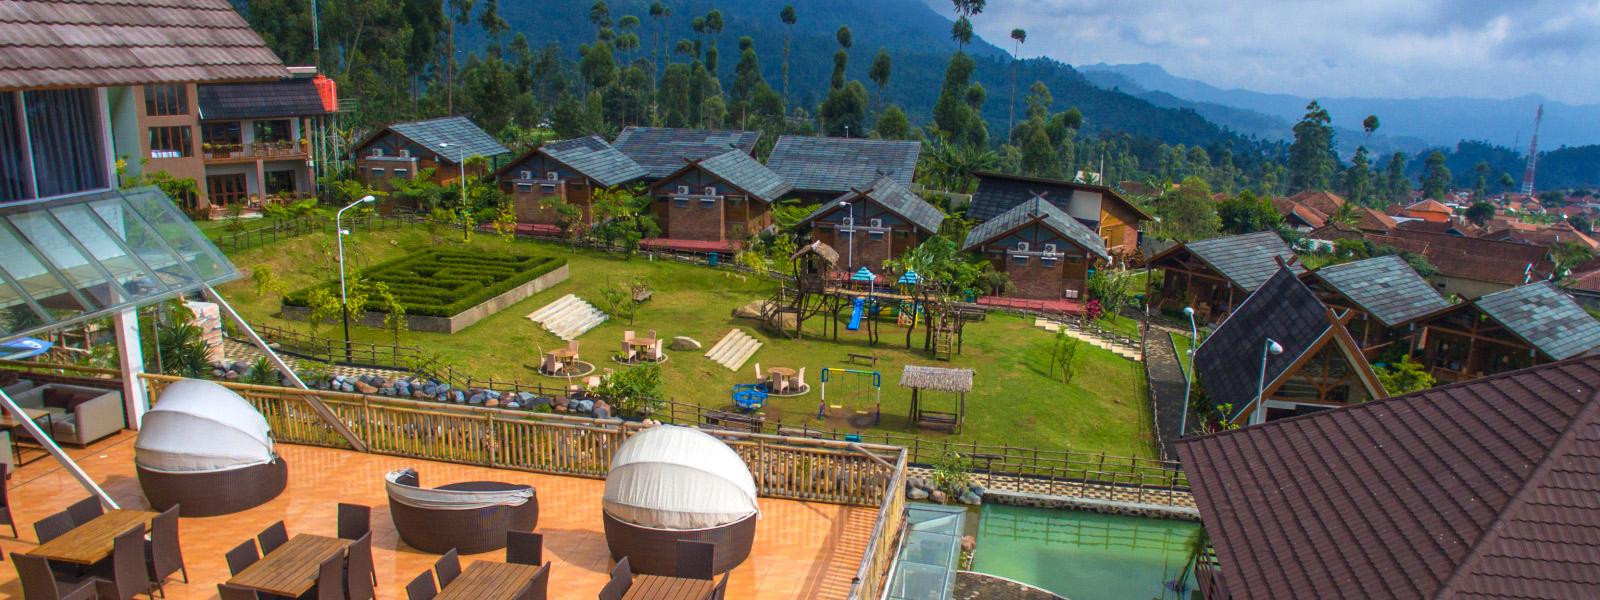 Booking Resort Di Ciwidey Untuk Keluarga Call 081323739973